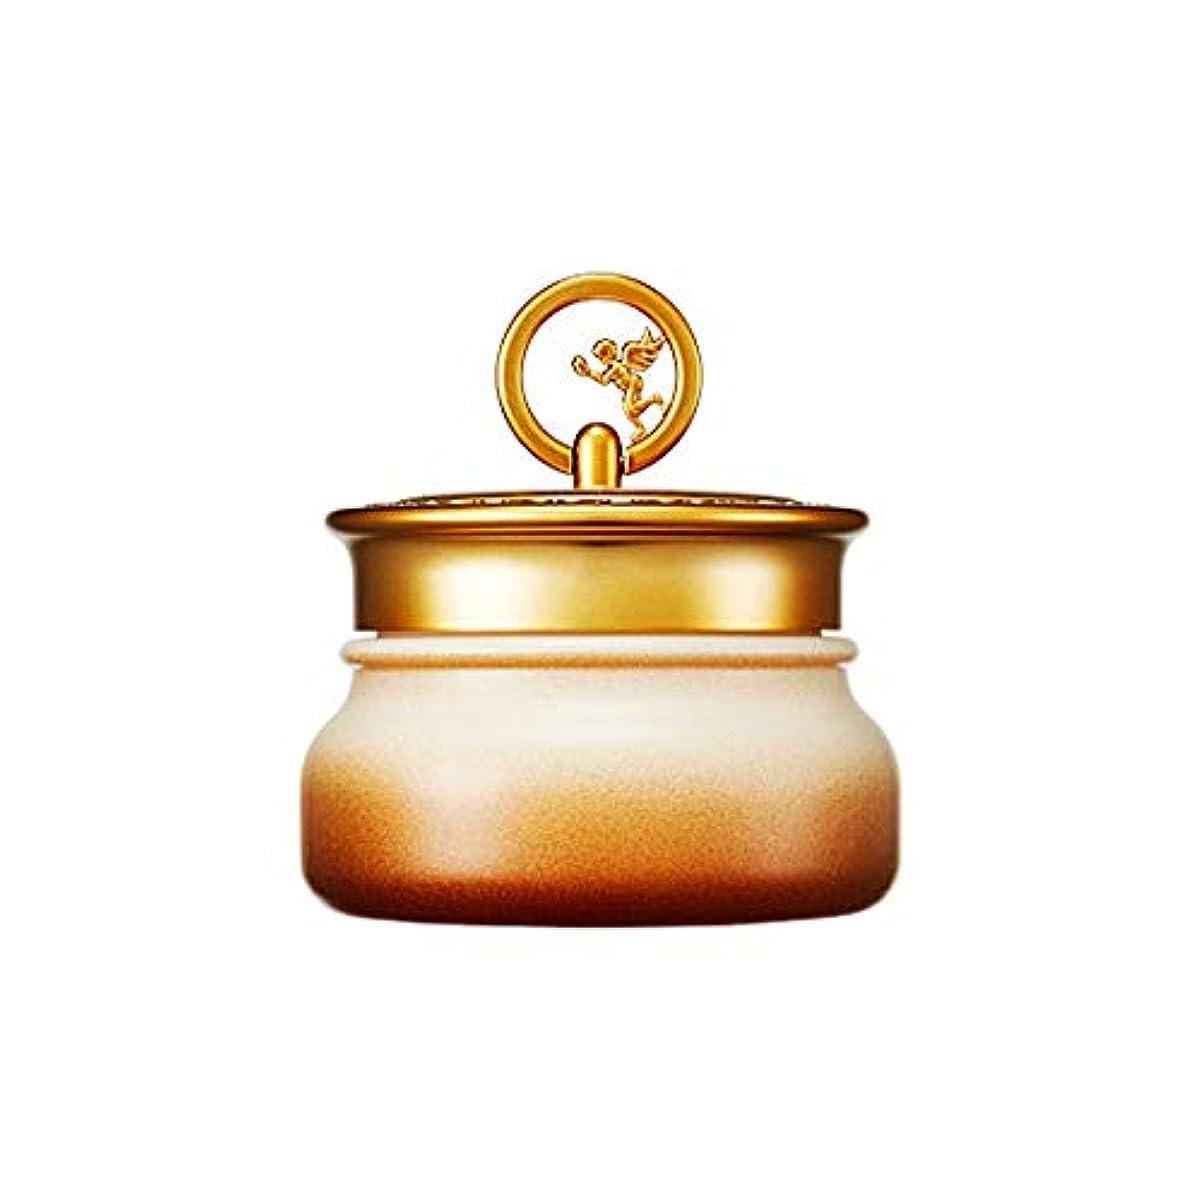 通行人不注意哲学的Skinfood ゴールドキャビアクリーム(しわケア) / Gold Caviar Cream (wrinkle care) 45g [並行輸入品]